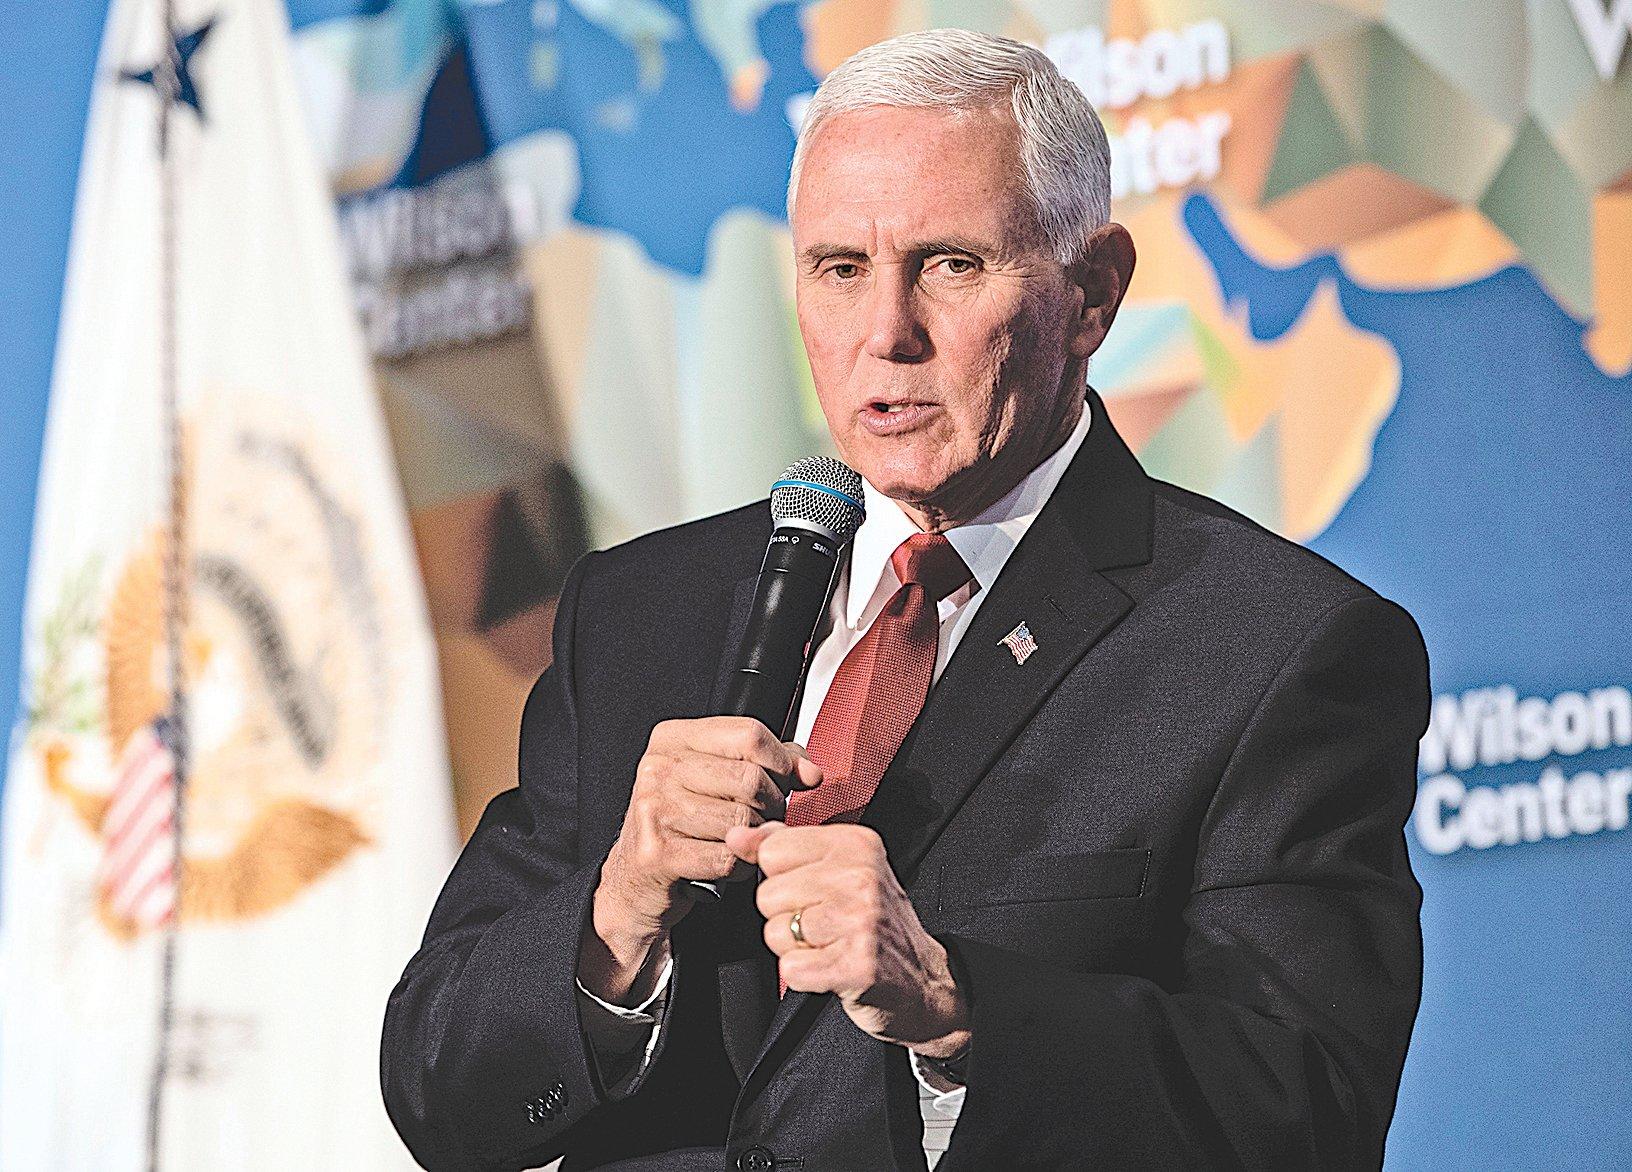 10月24日,美國副總統彭斯(Mike Pence)在智囊威爾遜中心主辦的活動上發表第二次對華演講。(AFP)